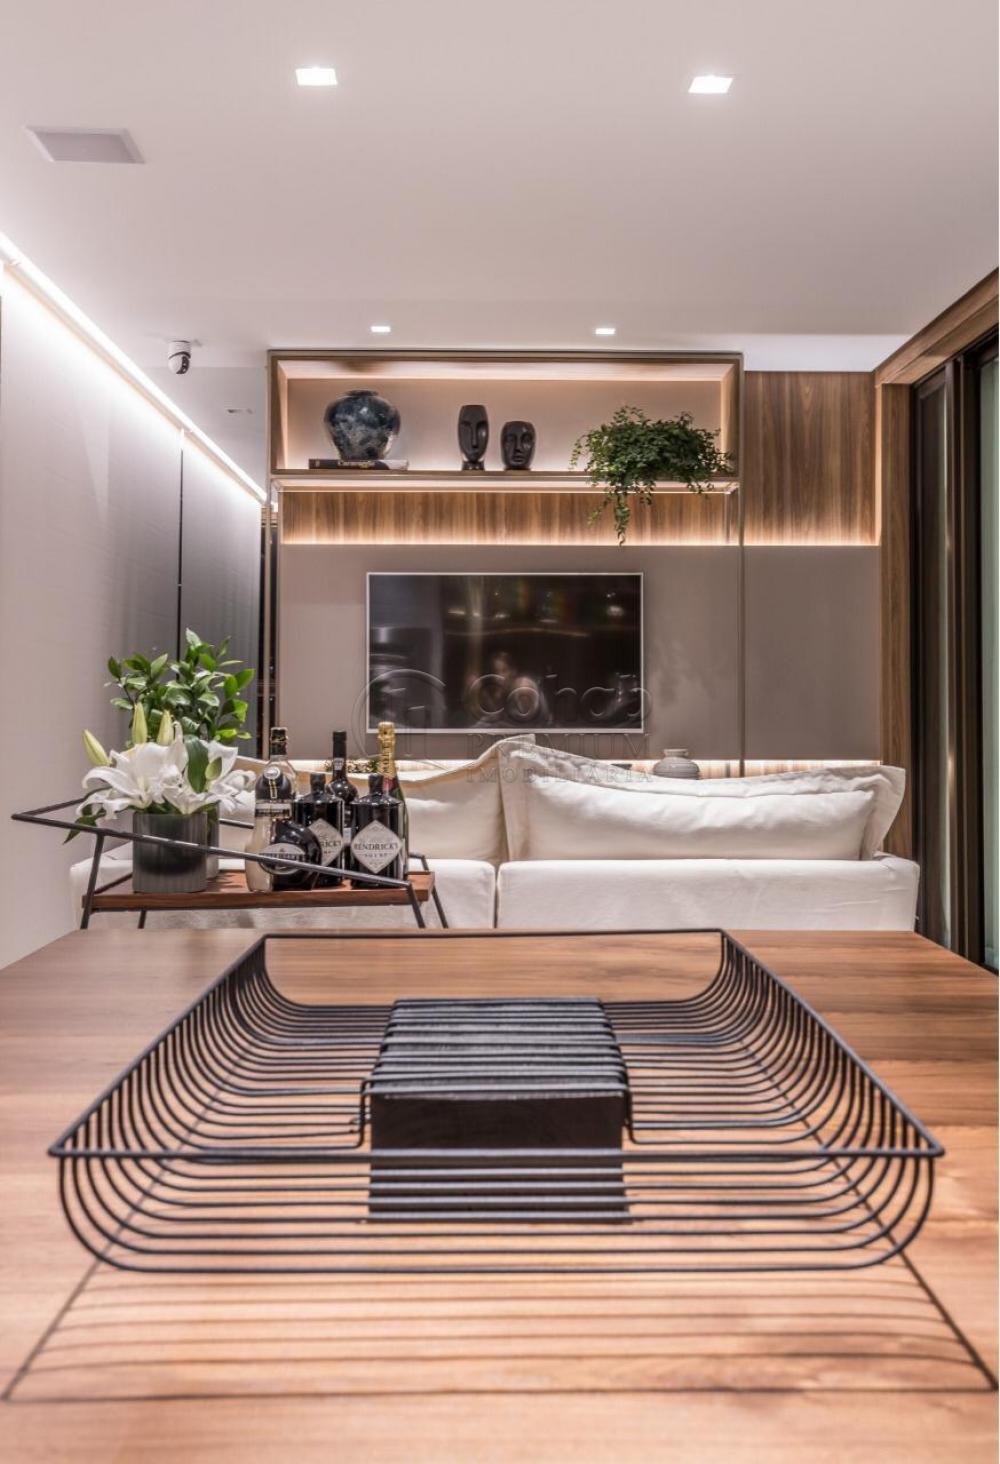 Comprar Apartamento / Padrão em Aracaju apenas R$ 2.200.000,00 - Foto 8